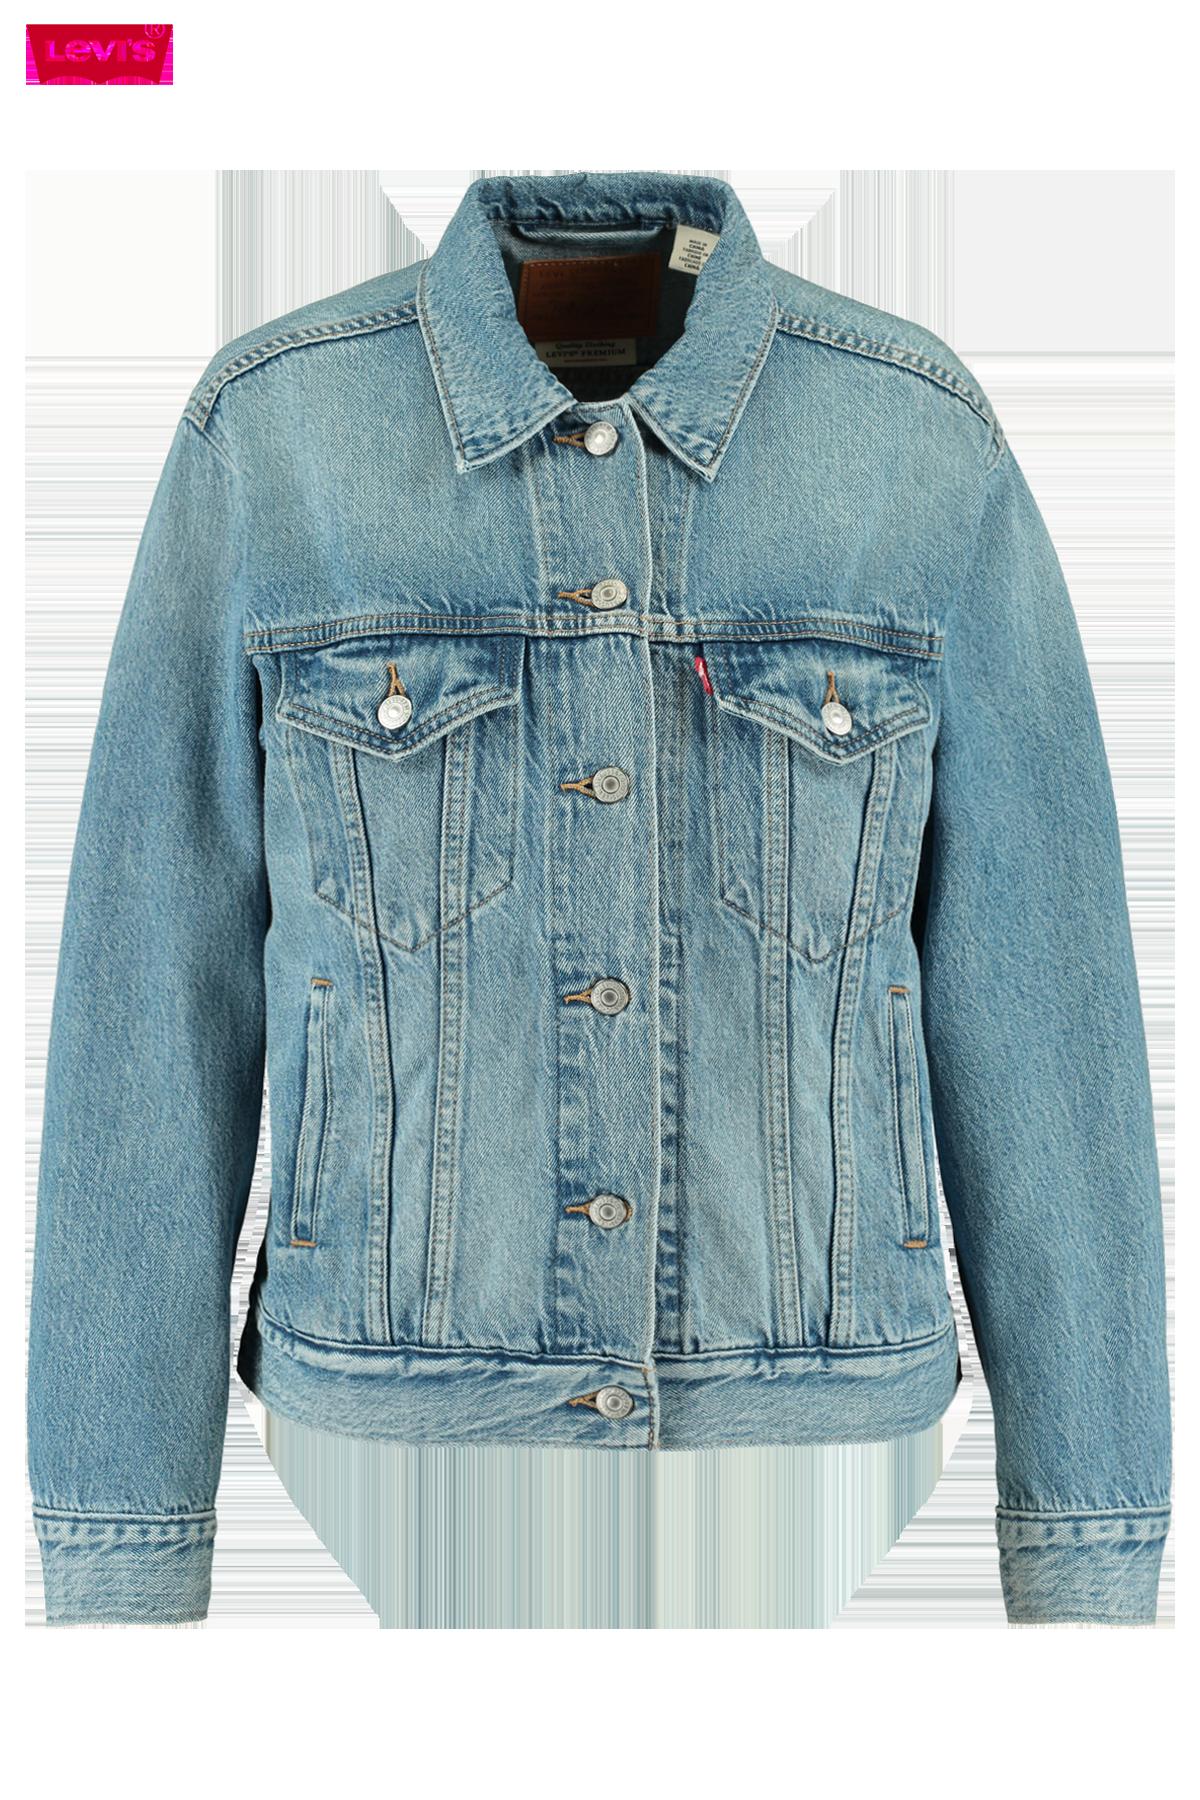 Trucker jacket Ex-boyfriend trucker